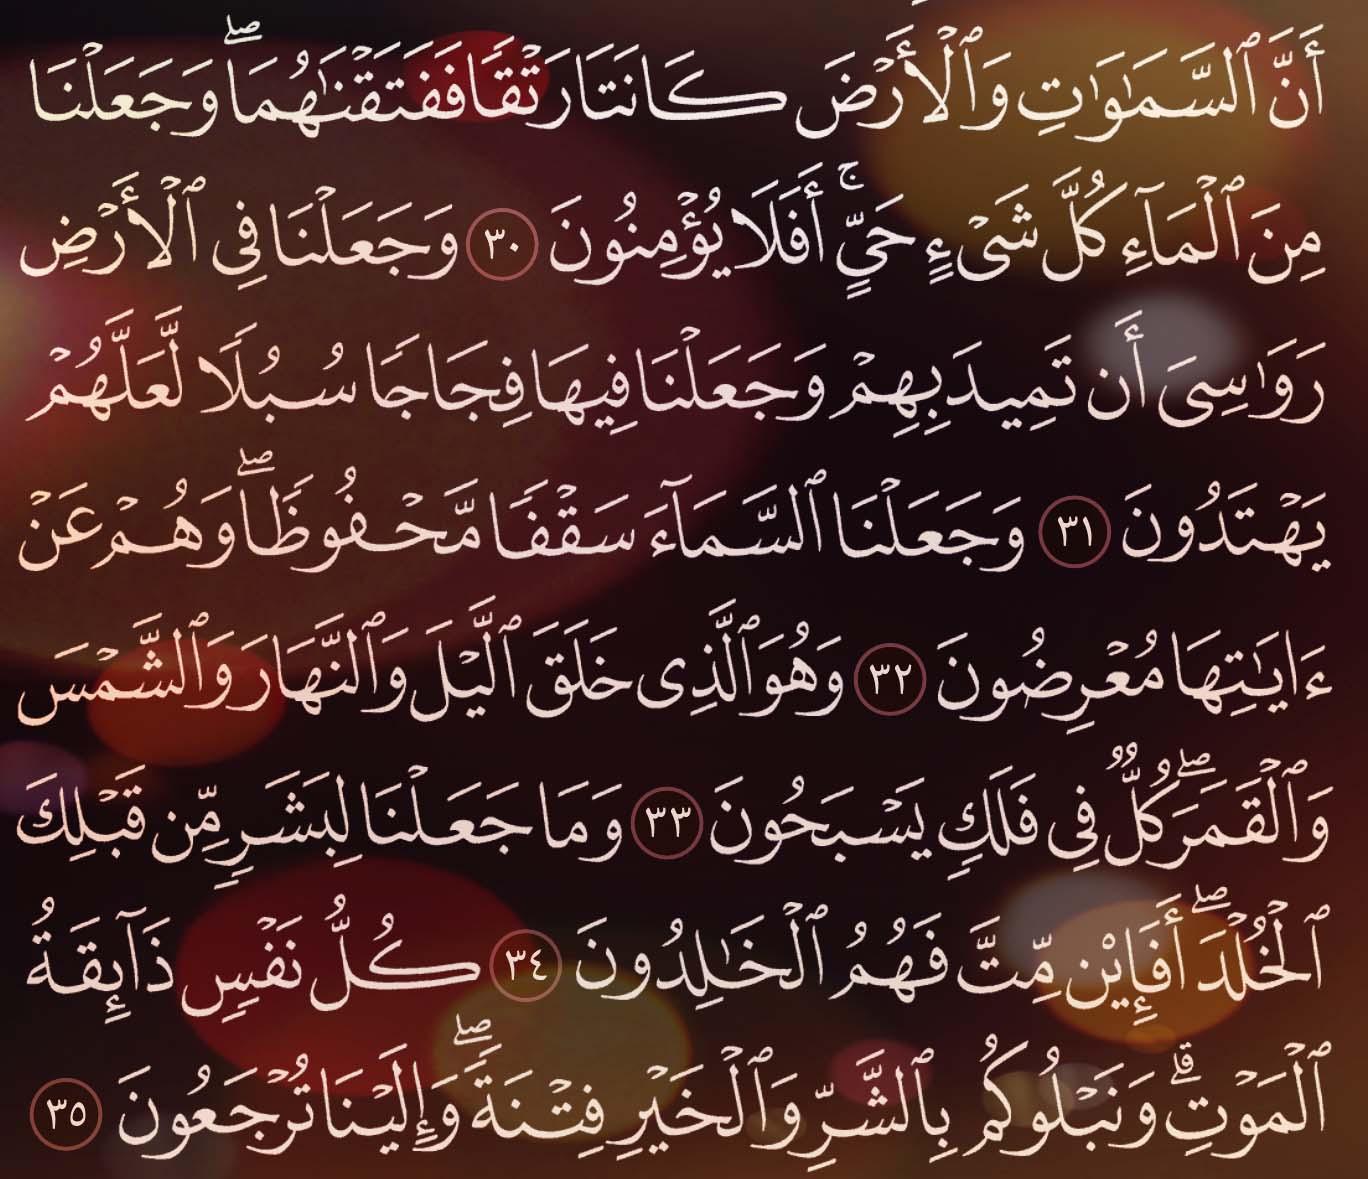 شرح وتفسير, سورة الأنبياء, surah al-anbiya, ( من الآية 25 إلى الاية 35 ),